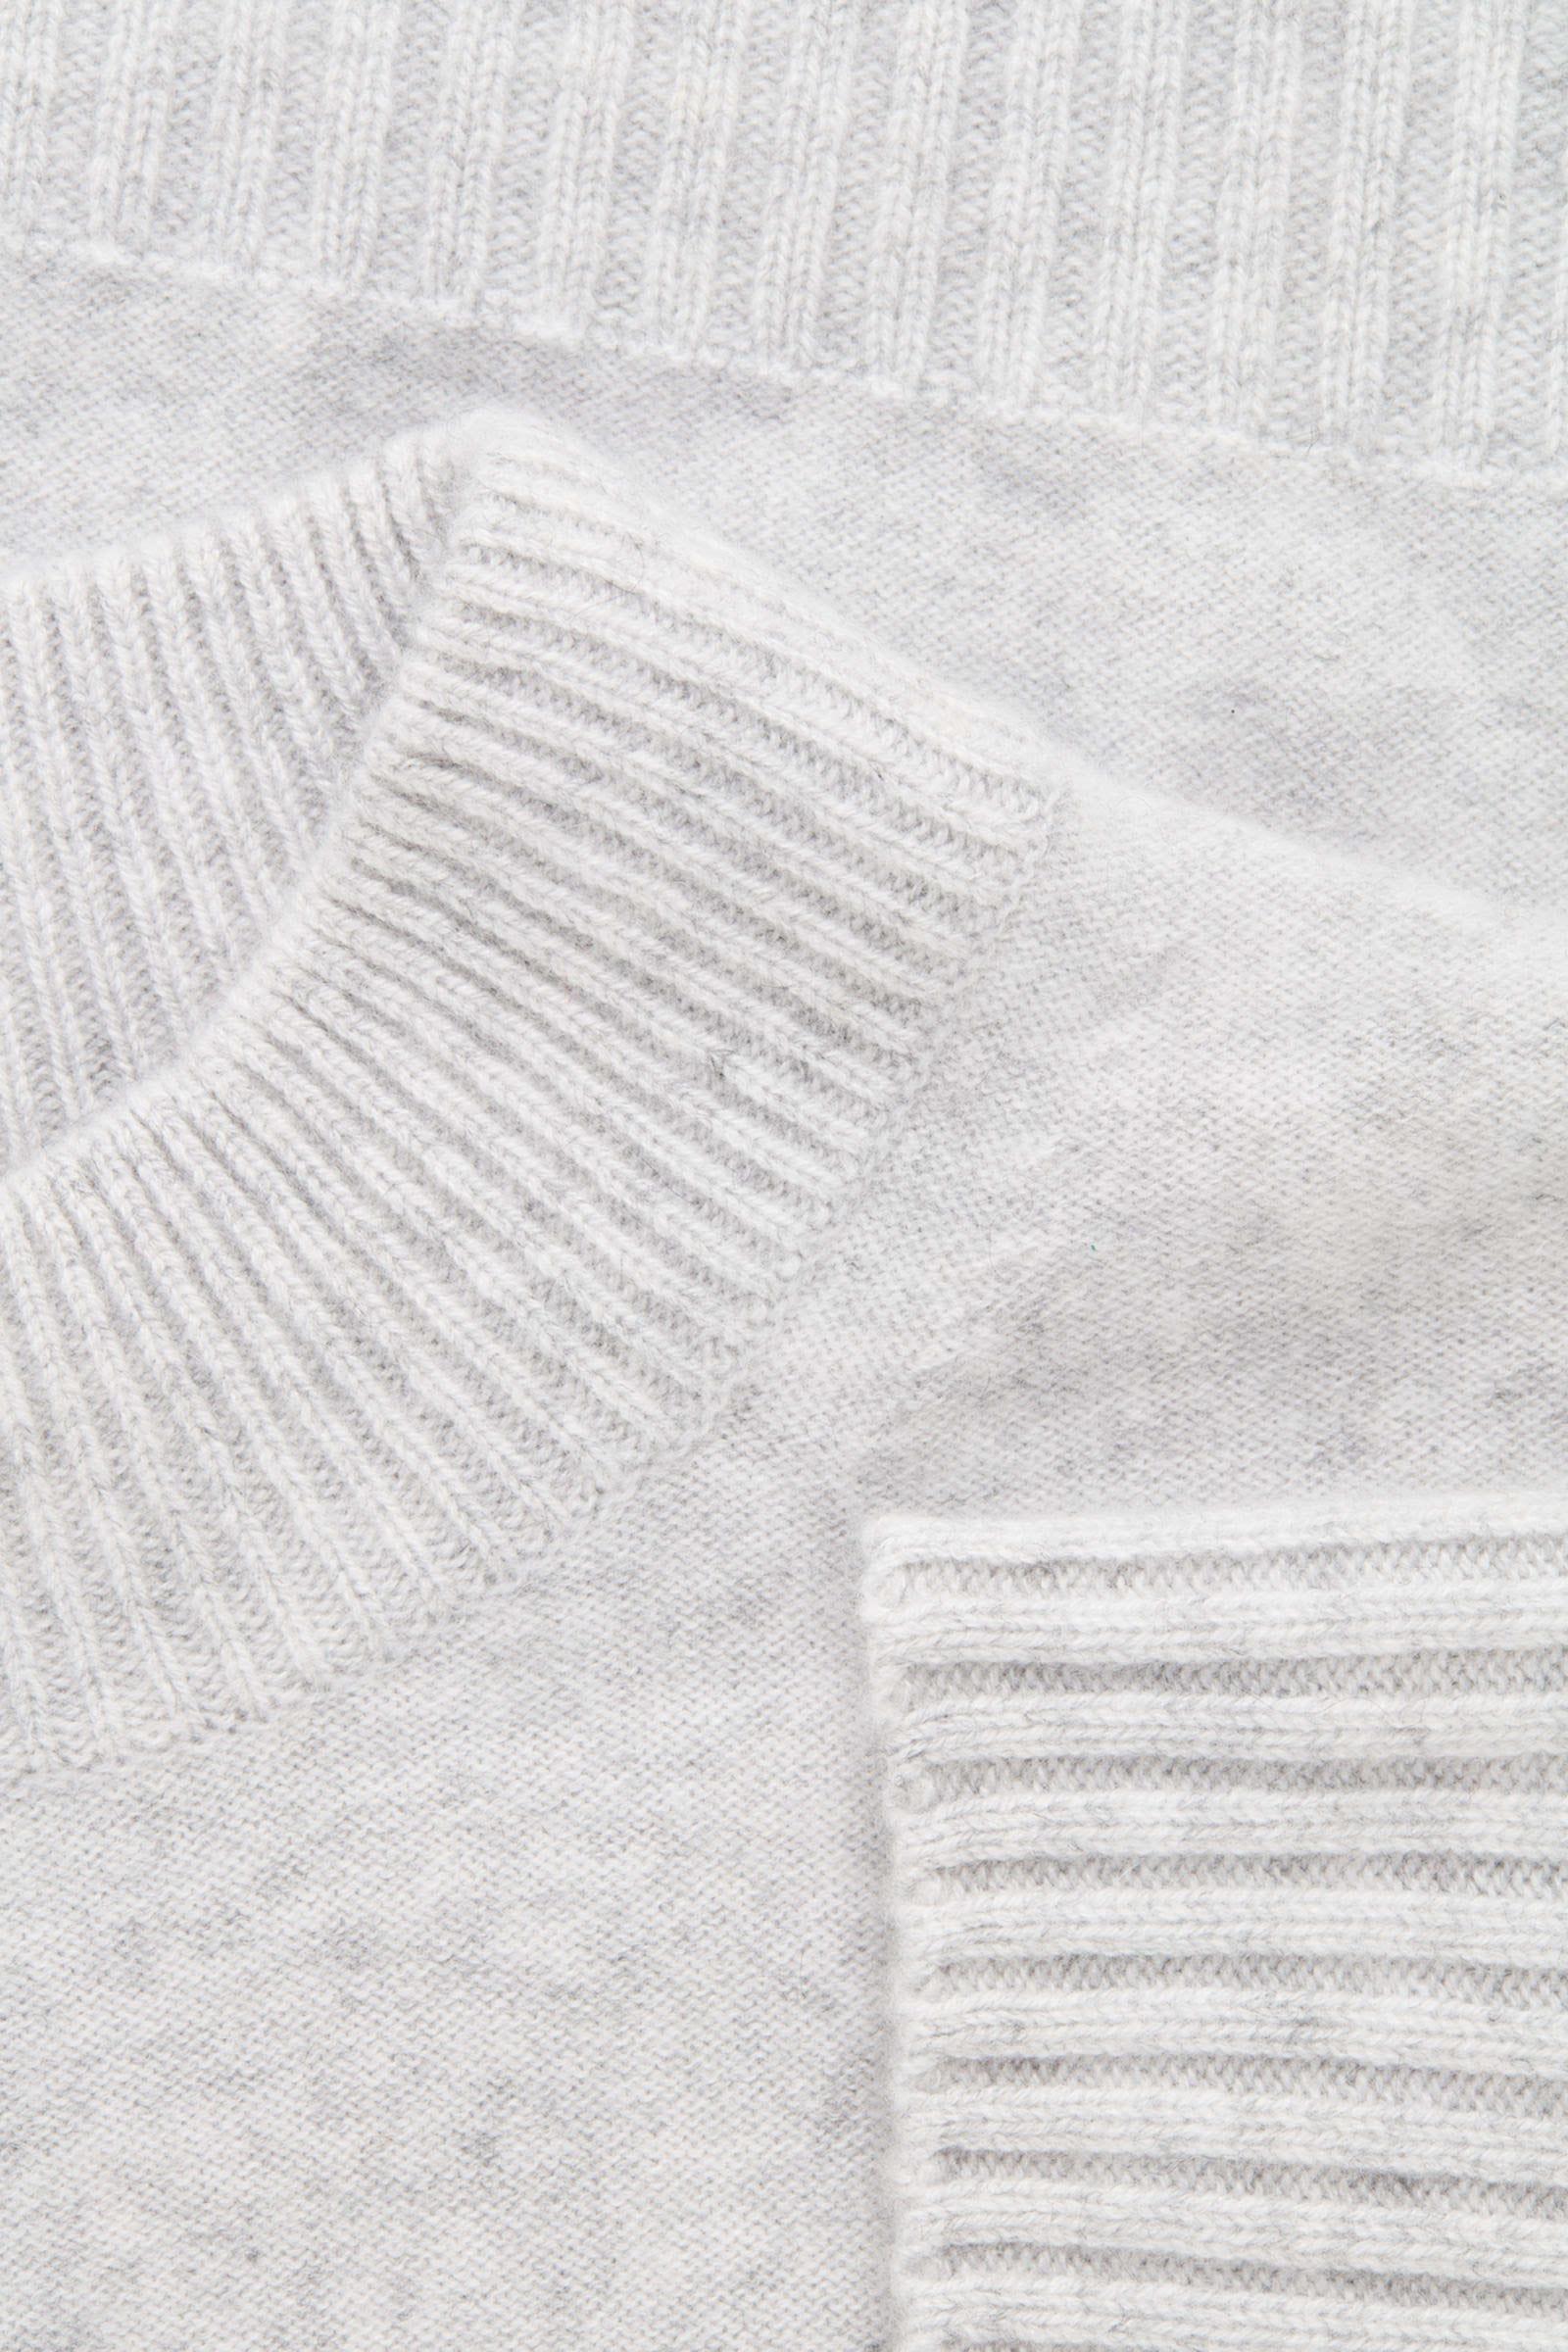 COS 청키 리브 캐시미어 스웨터의 그레이 멜란지컬러 Detail입니다.